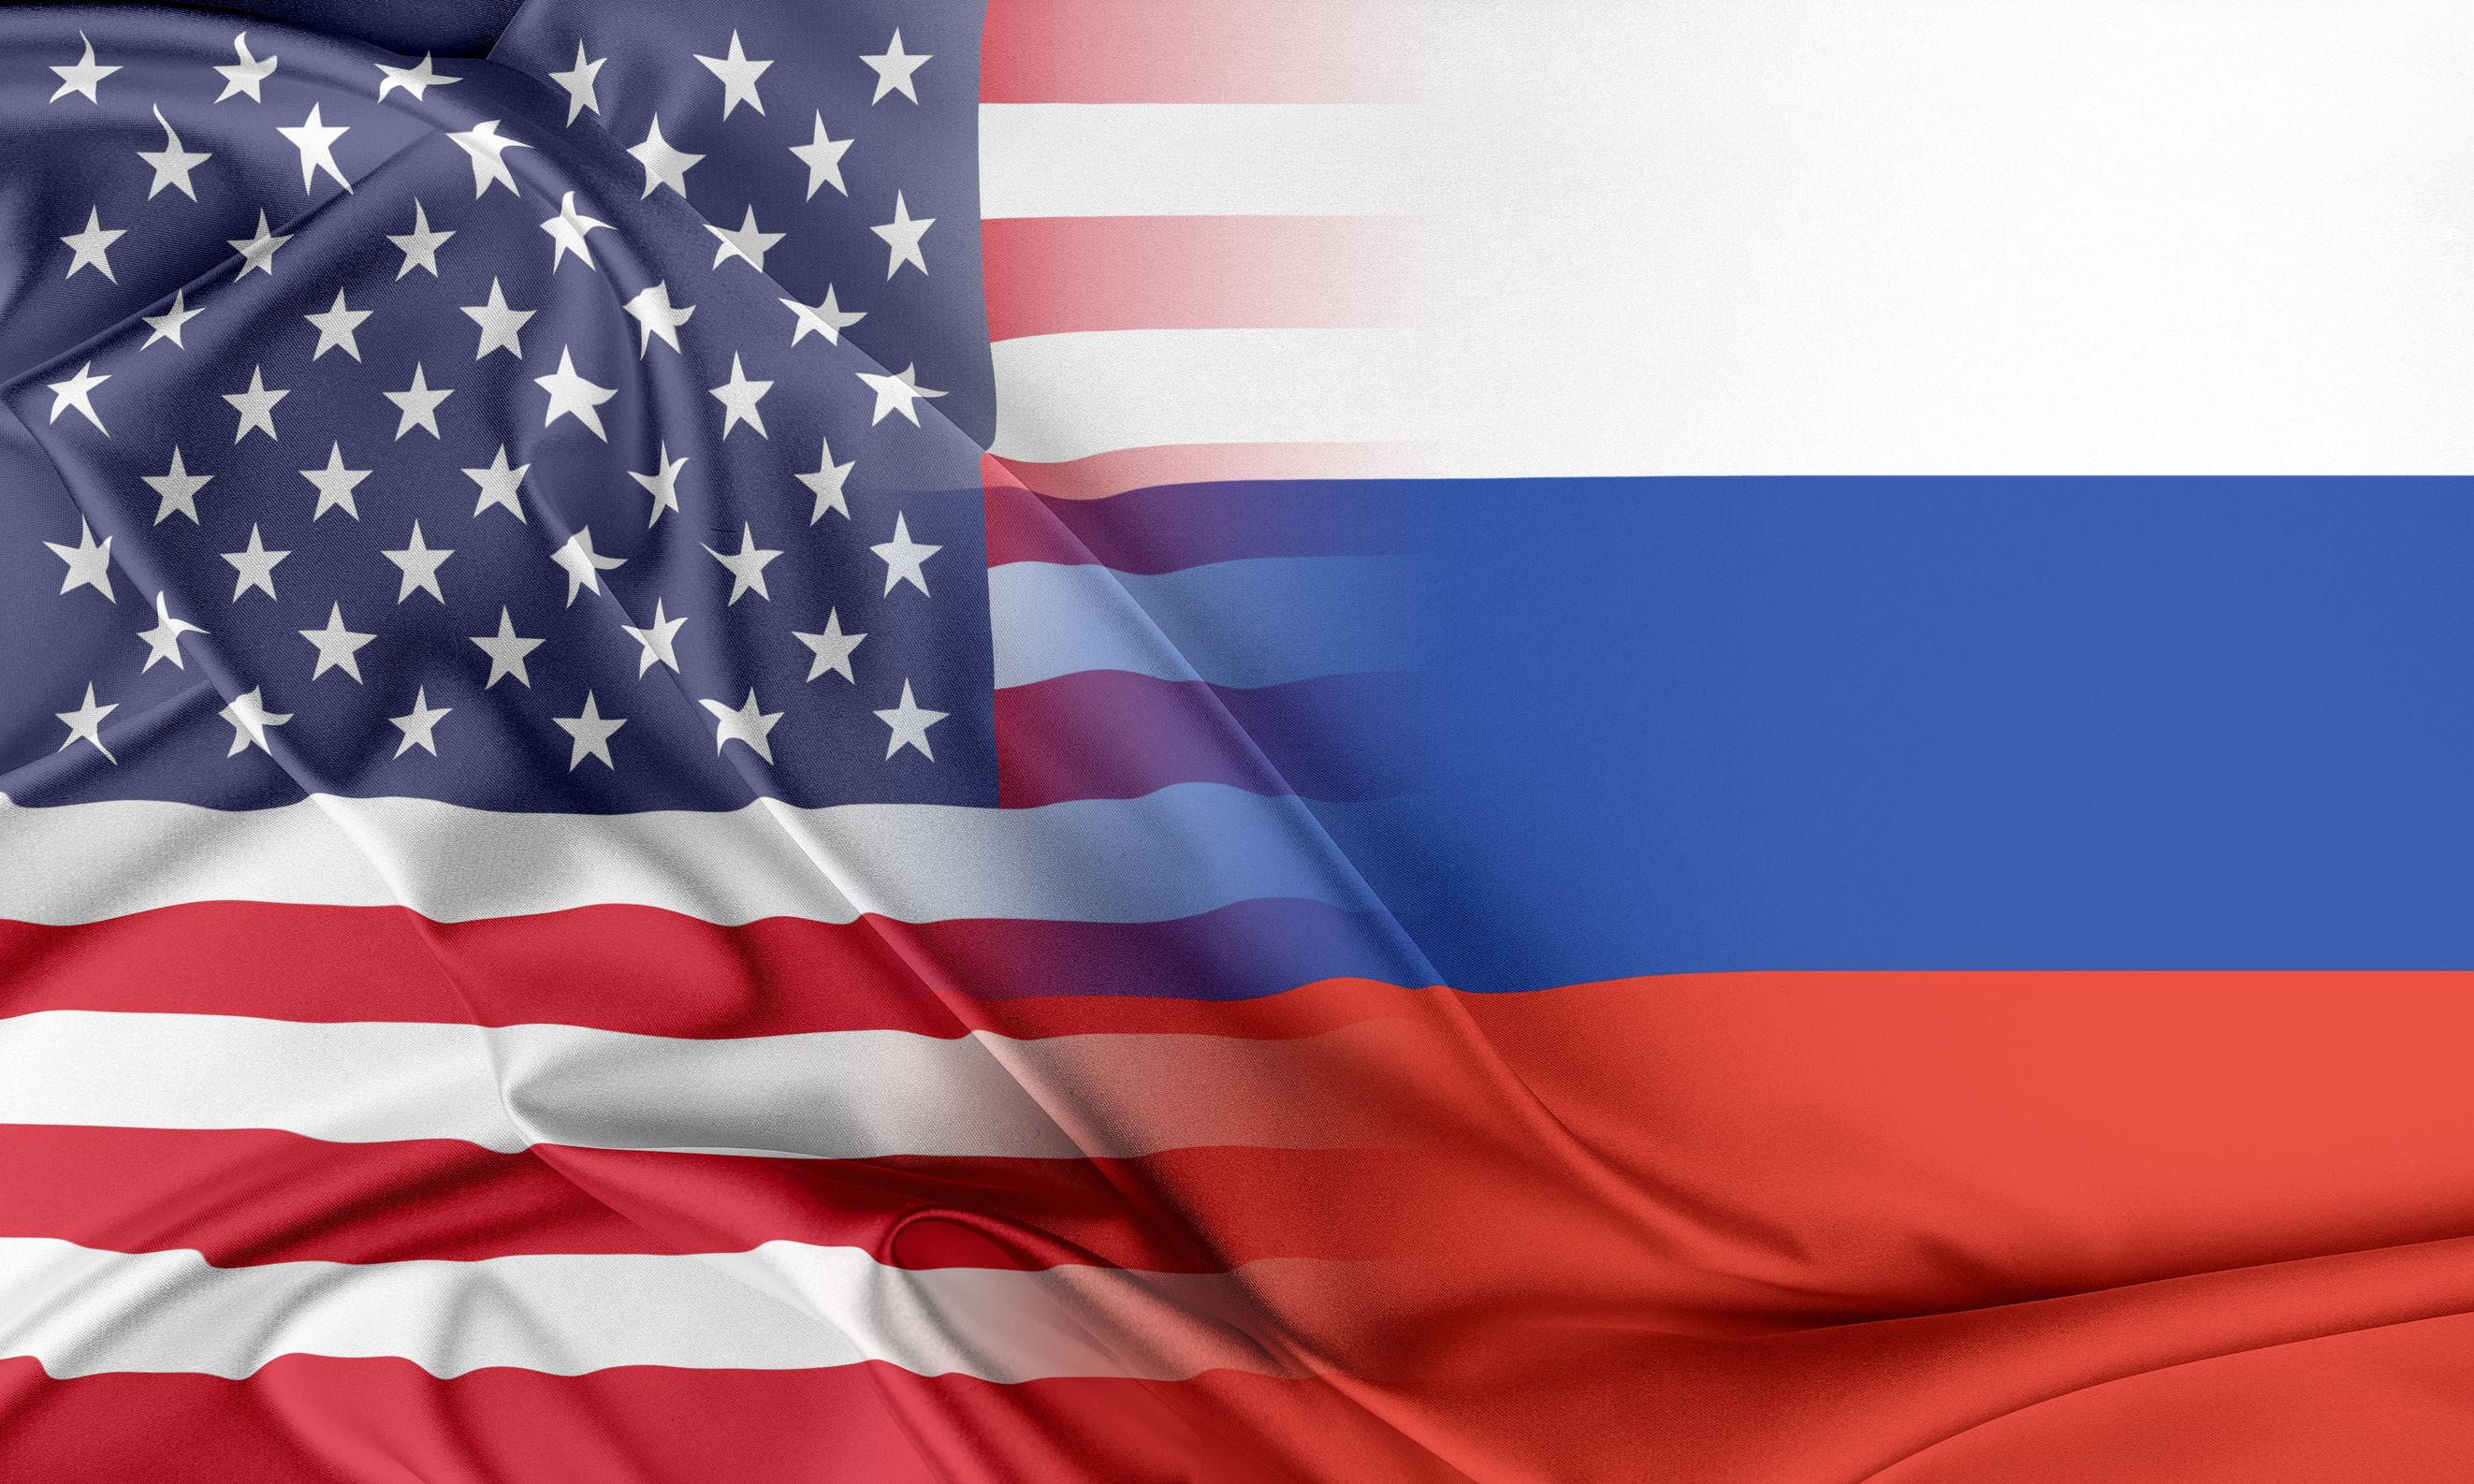 Diplomat rus: Doar împreună Rusia şi SUA pot rezolva problemele internaţionale